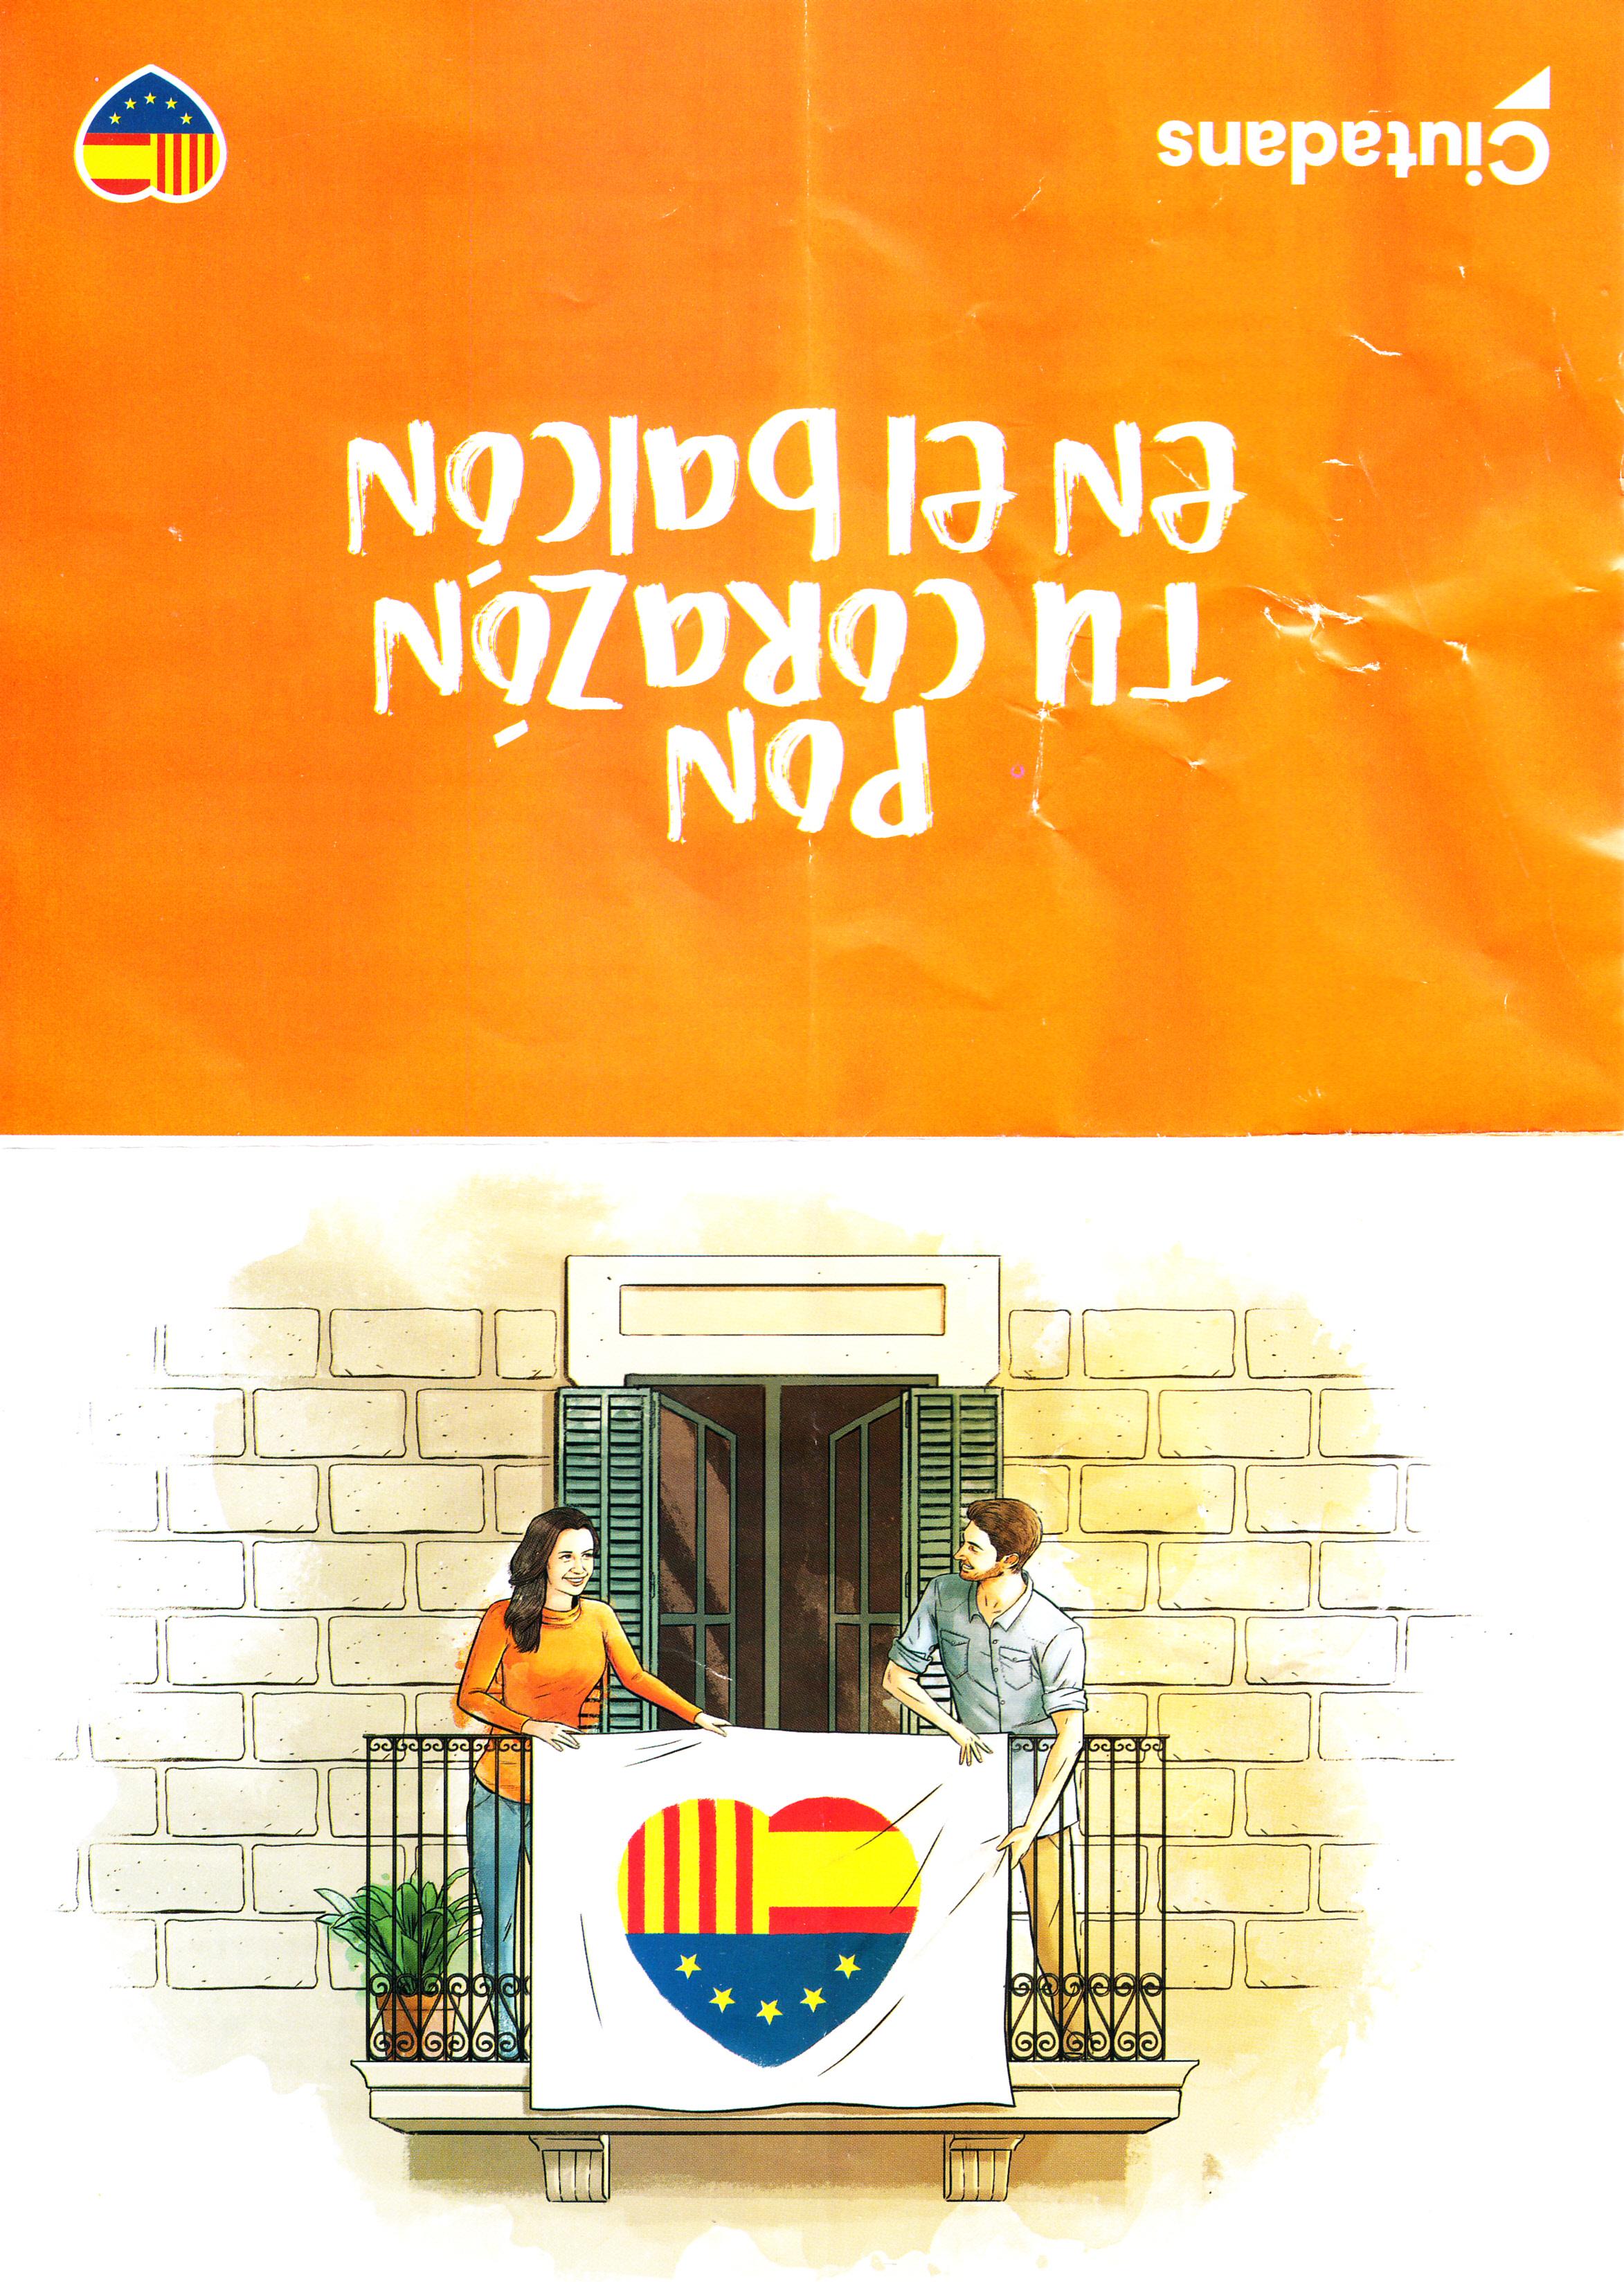 Ciudadanos_catalunha_2017_0001